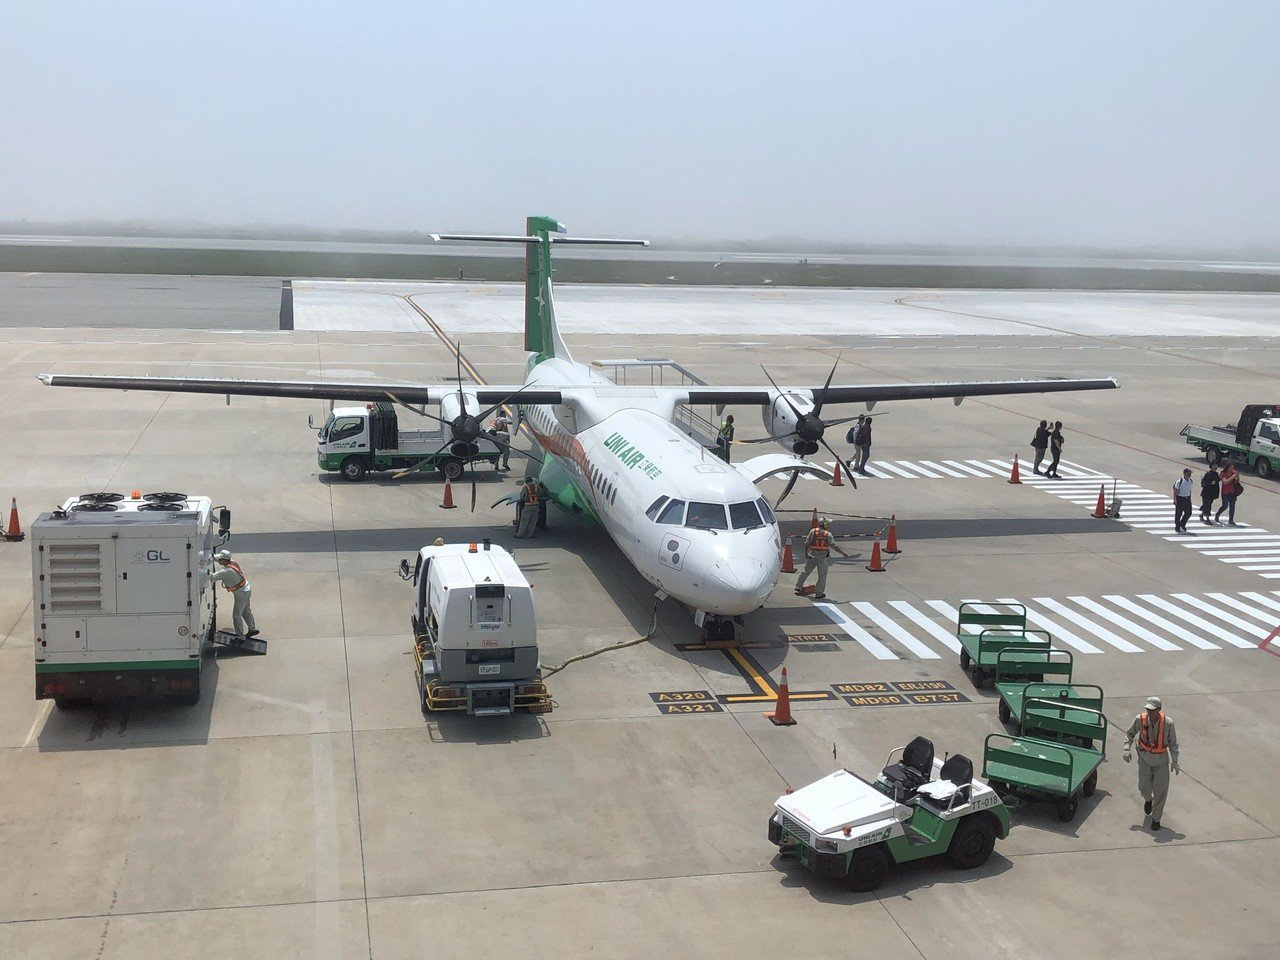 立榮航空一天往返金門的航班約有50班,比例是金門航線的最大宗。記者蔡家蓁/攝影